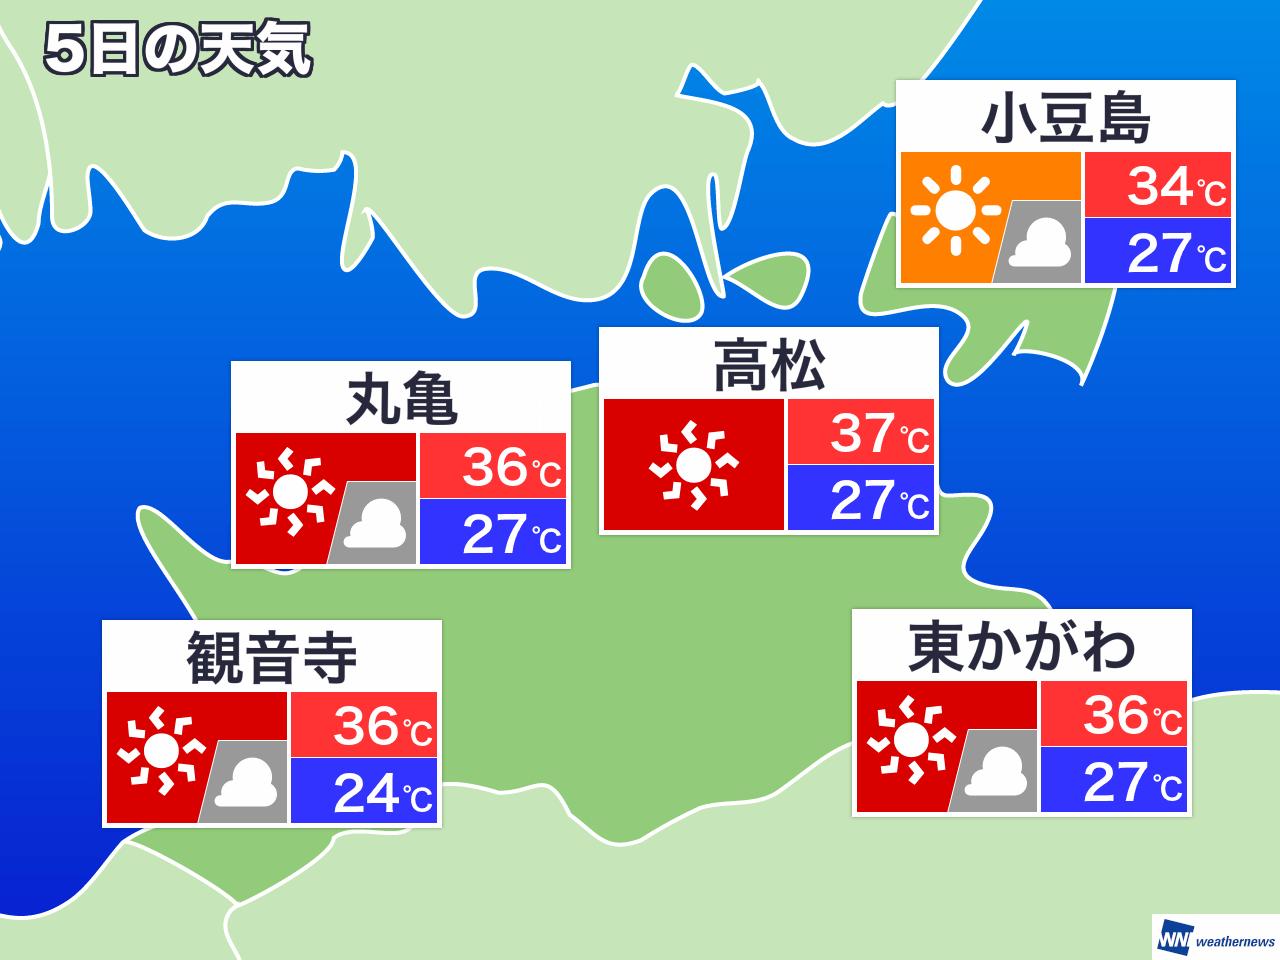 12月2日(月) 香川県の今日の天気 - ウェザーニュース